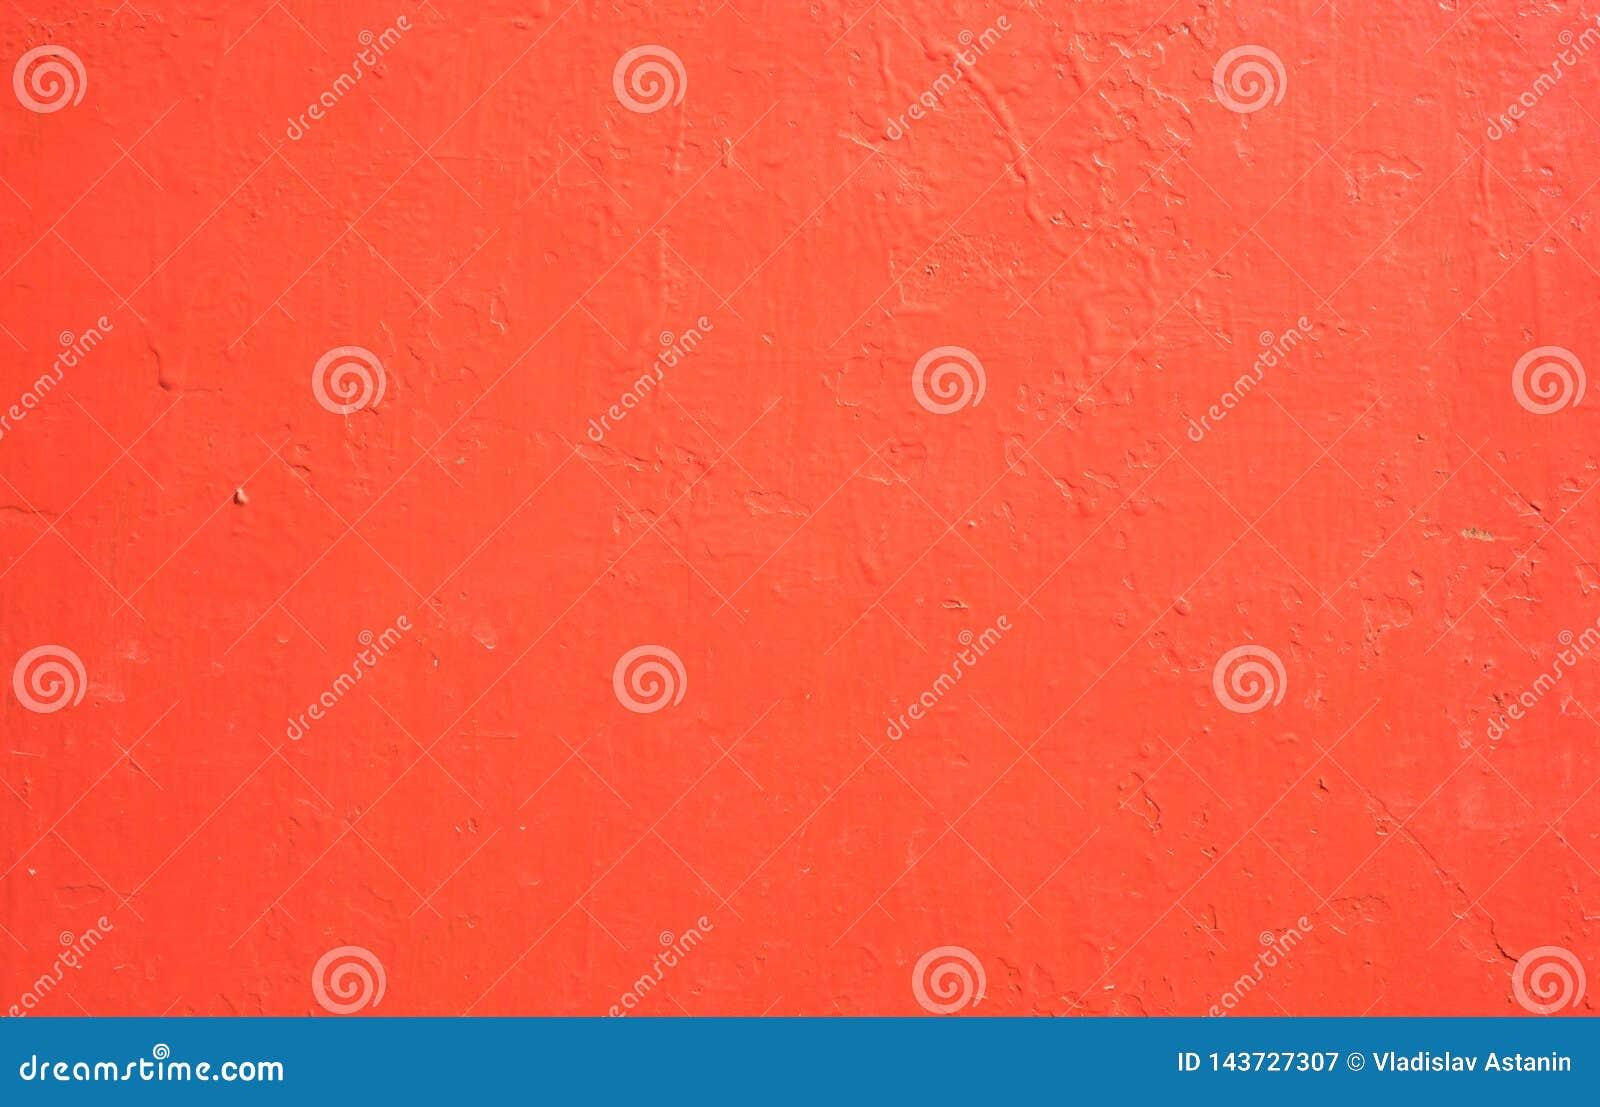 Ilustração pintada vermelha do fundo do metal para o Natal